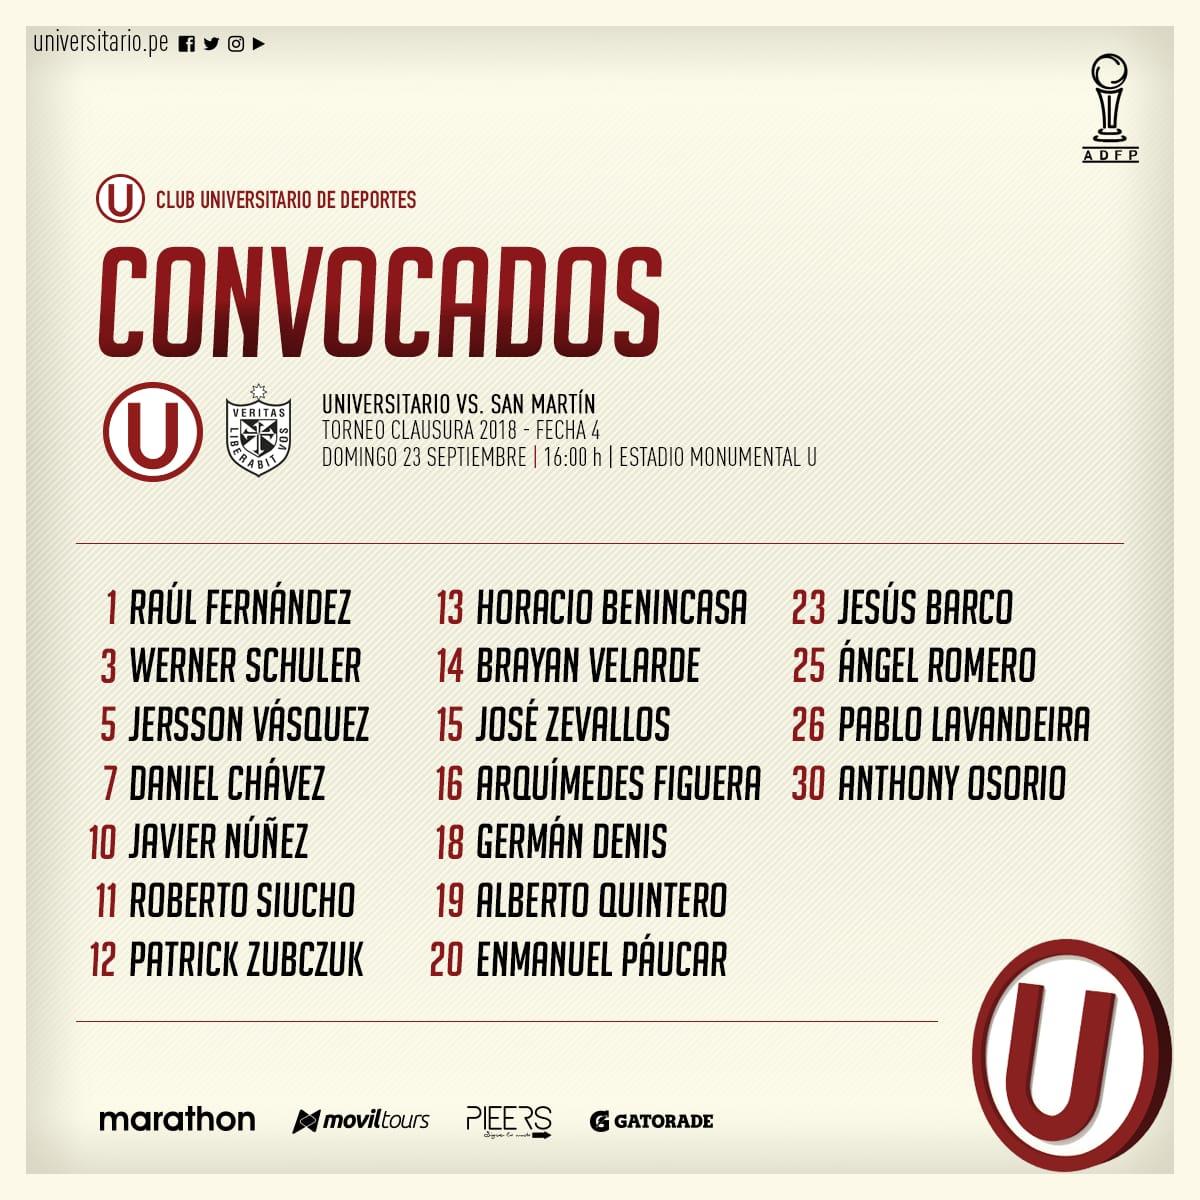 Lista de convocados de Universitario para el partido ante San Martín. (Foto: Universitario de Deportes)